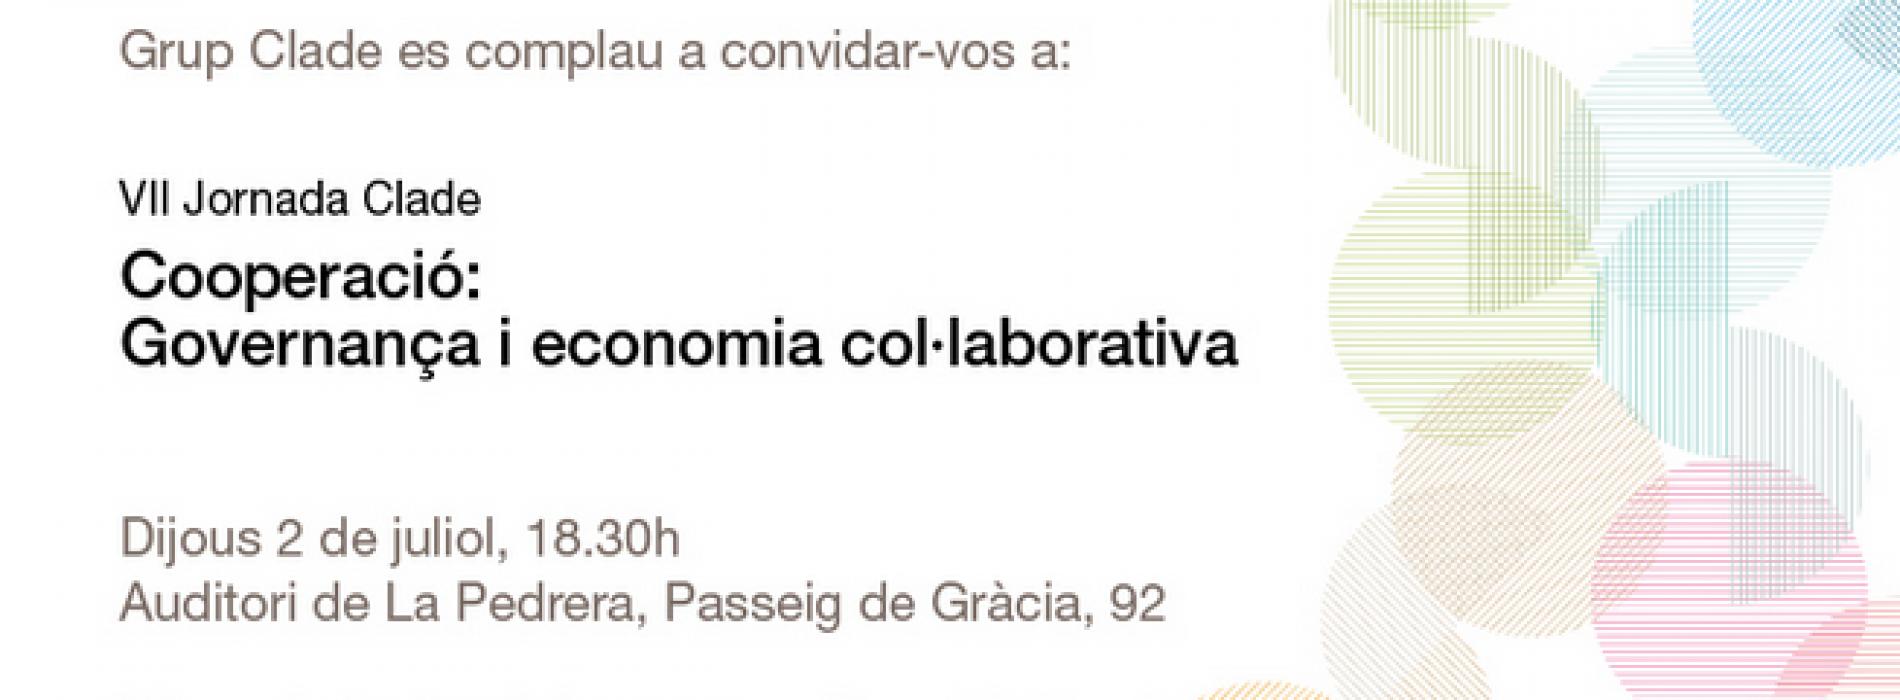 VII Jornada Clade sobre cooperació, governança i economia col·laborativa